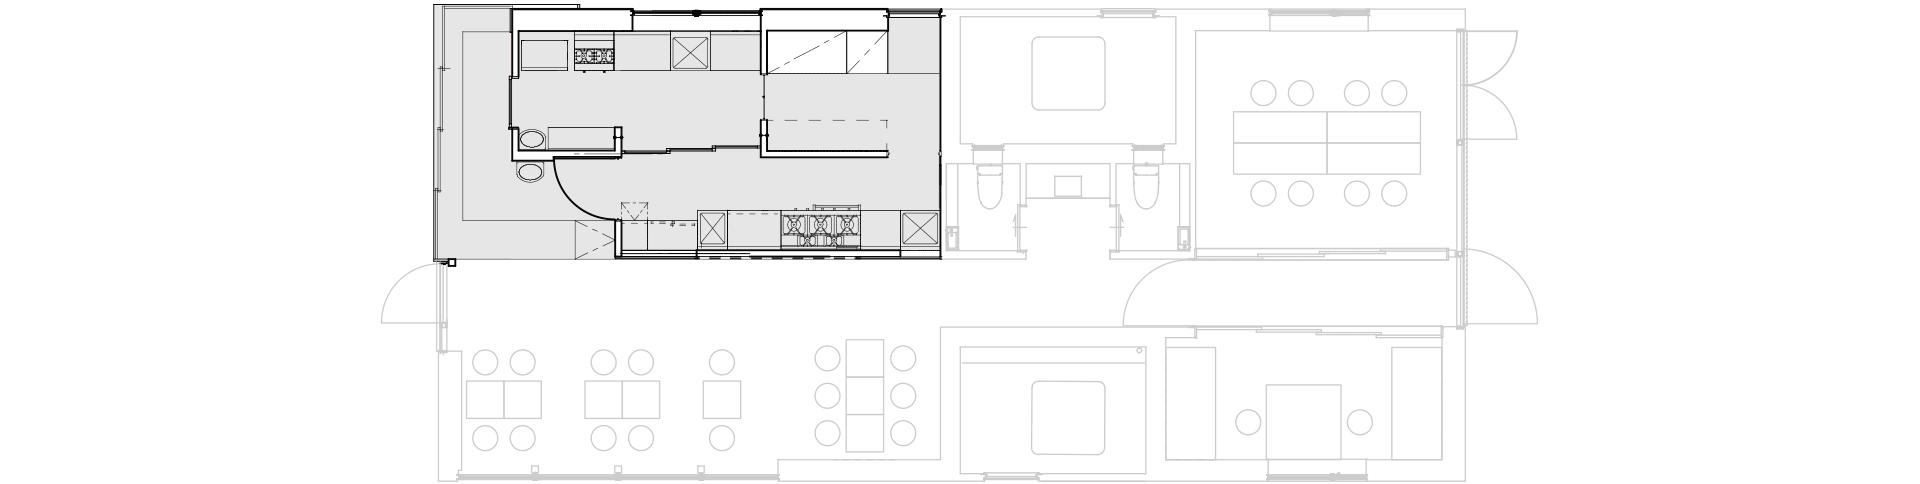 KITCHEN(キッチン)施設マップ